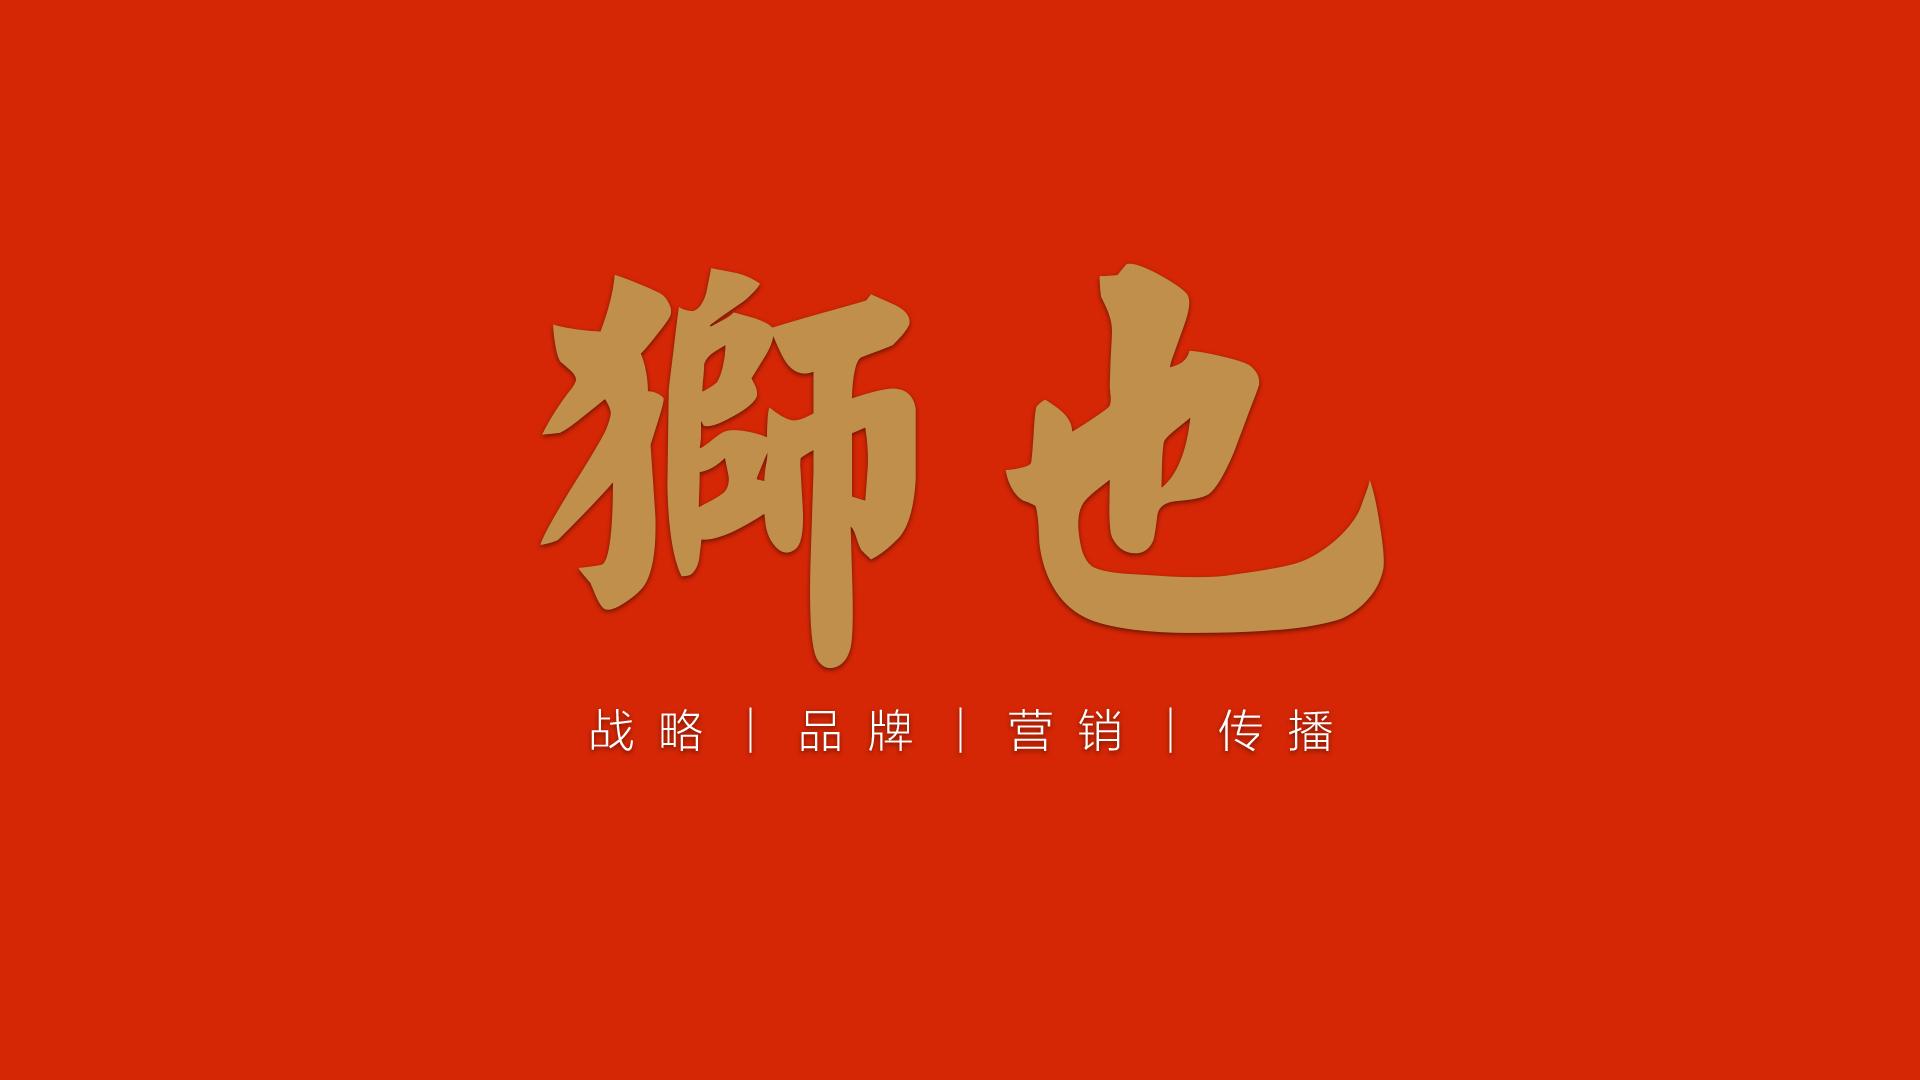 上海营销策划公司— 市场营销战略策划的步骤和方法